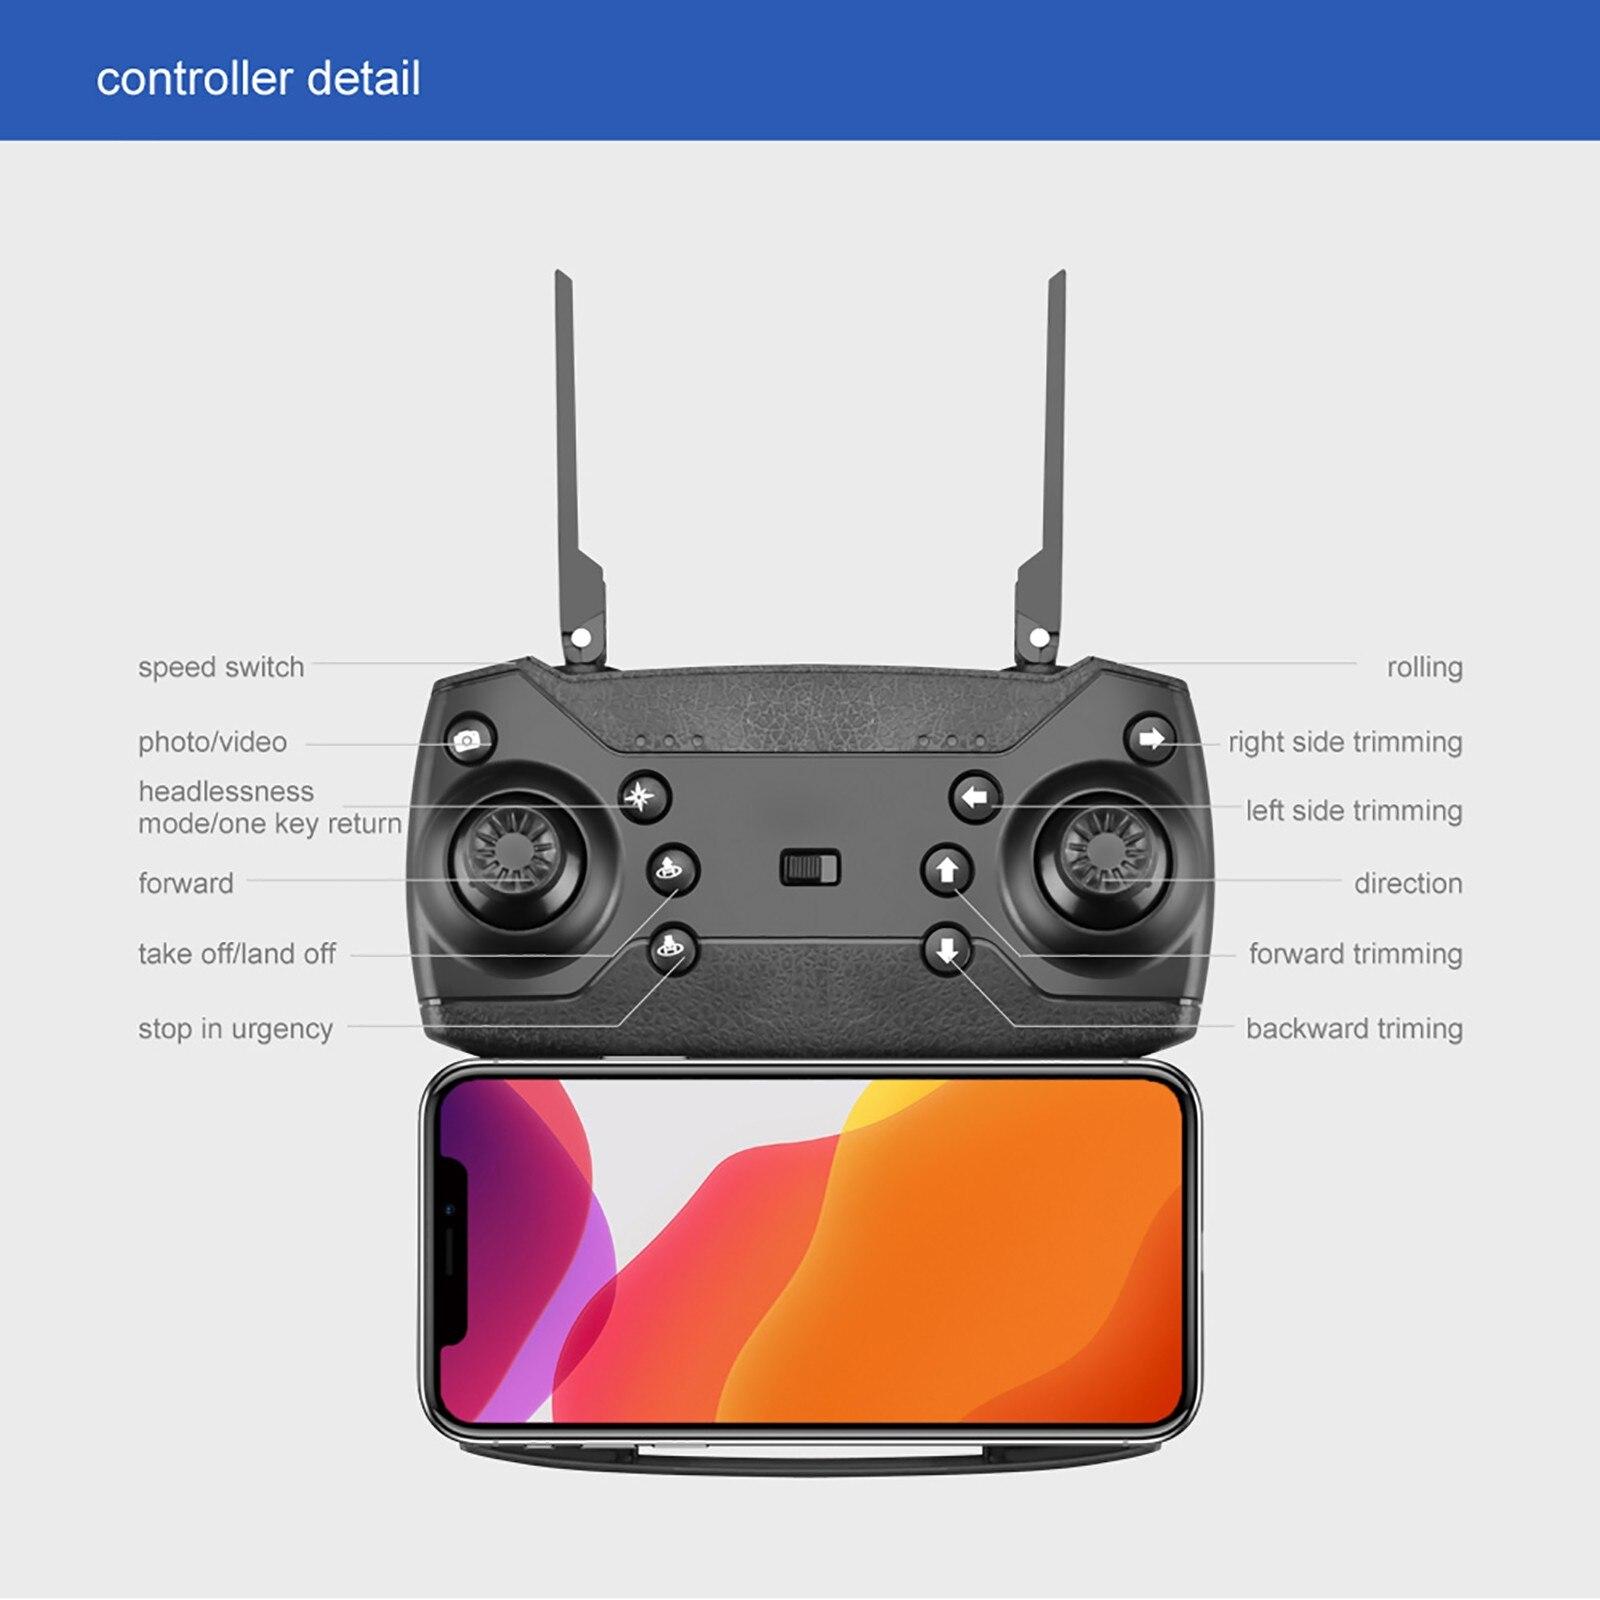 Новинка 2021, Радиоуправляемый Дрон LS11PRO, Wi-Fi, FPV, с камерой 4K HD, режим удержания высоты, возврат одной кнопкой, складной рычаг, Квадрокоптер, Дрон в подарок|Игрушки и хобби|| | АлиЭкспресс